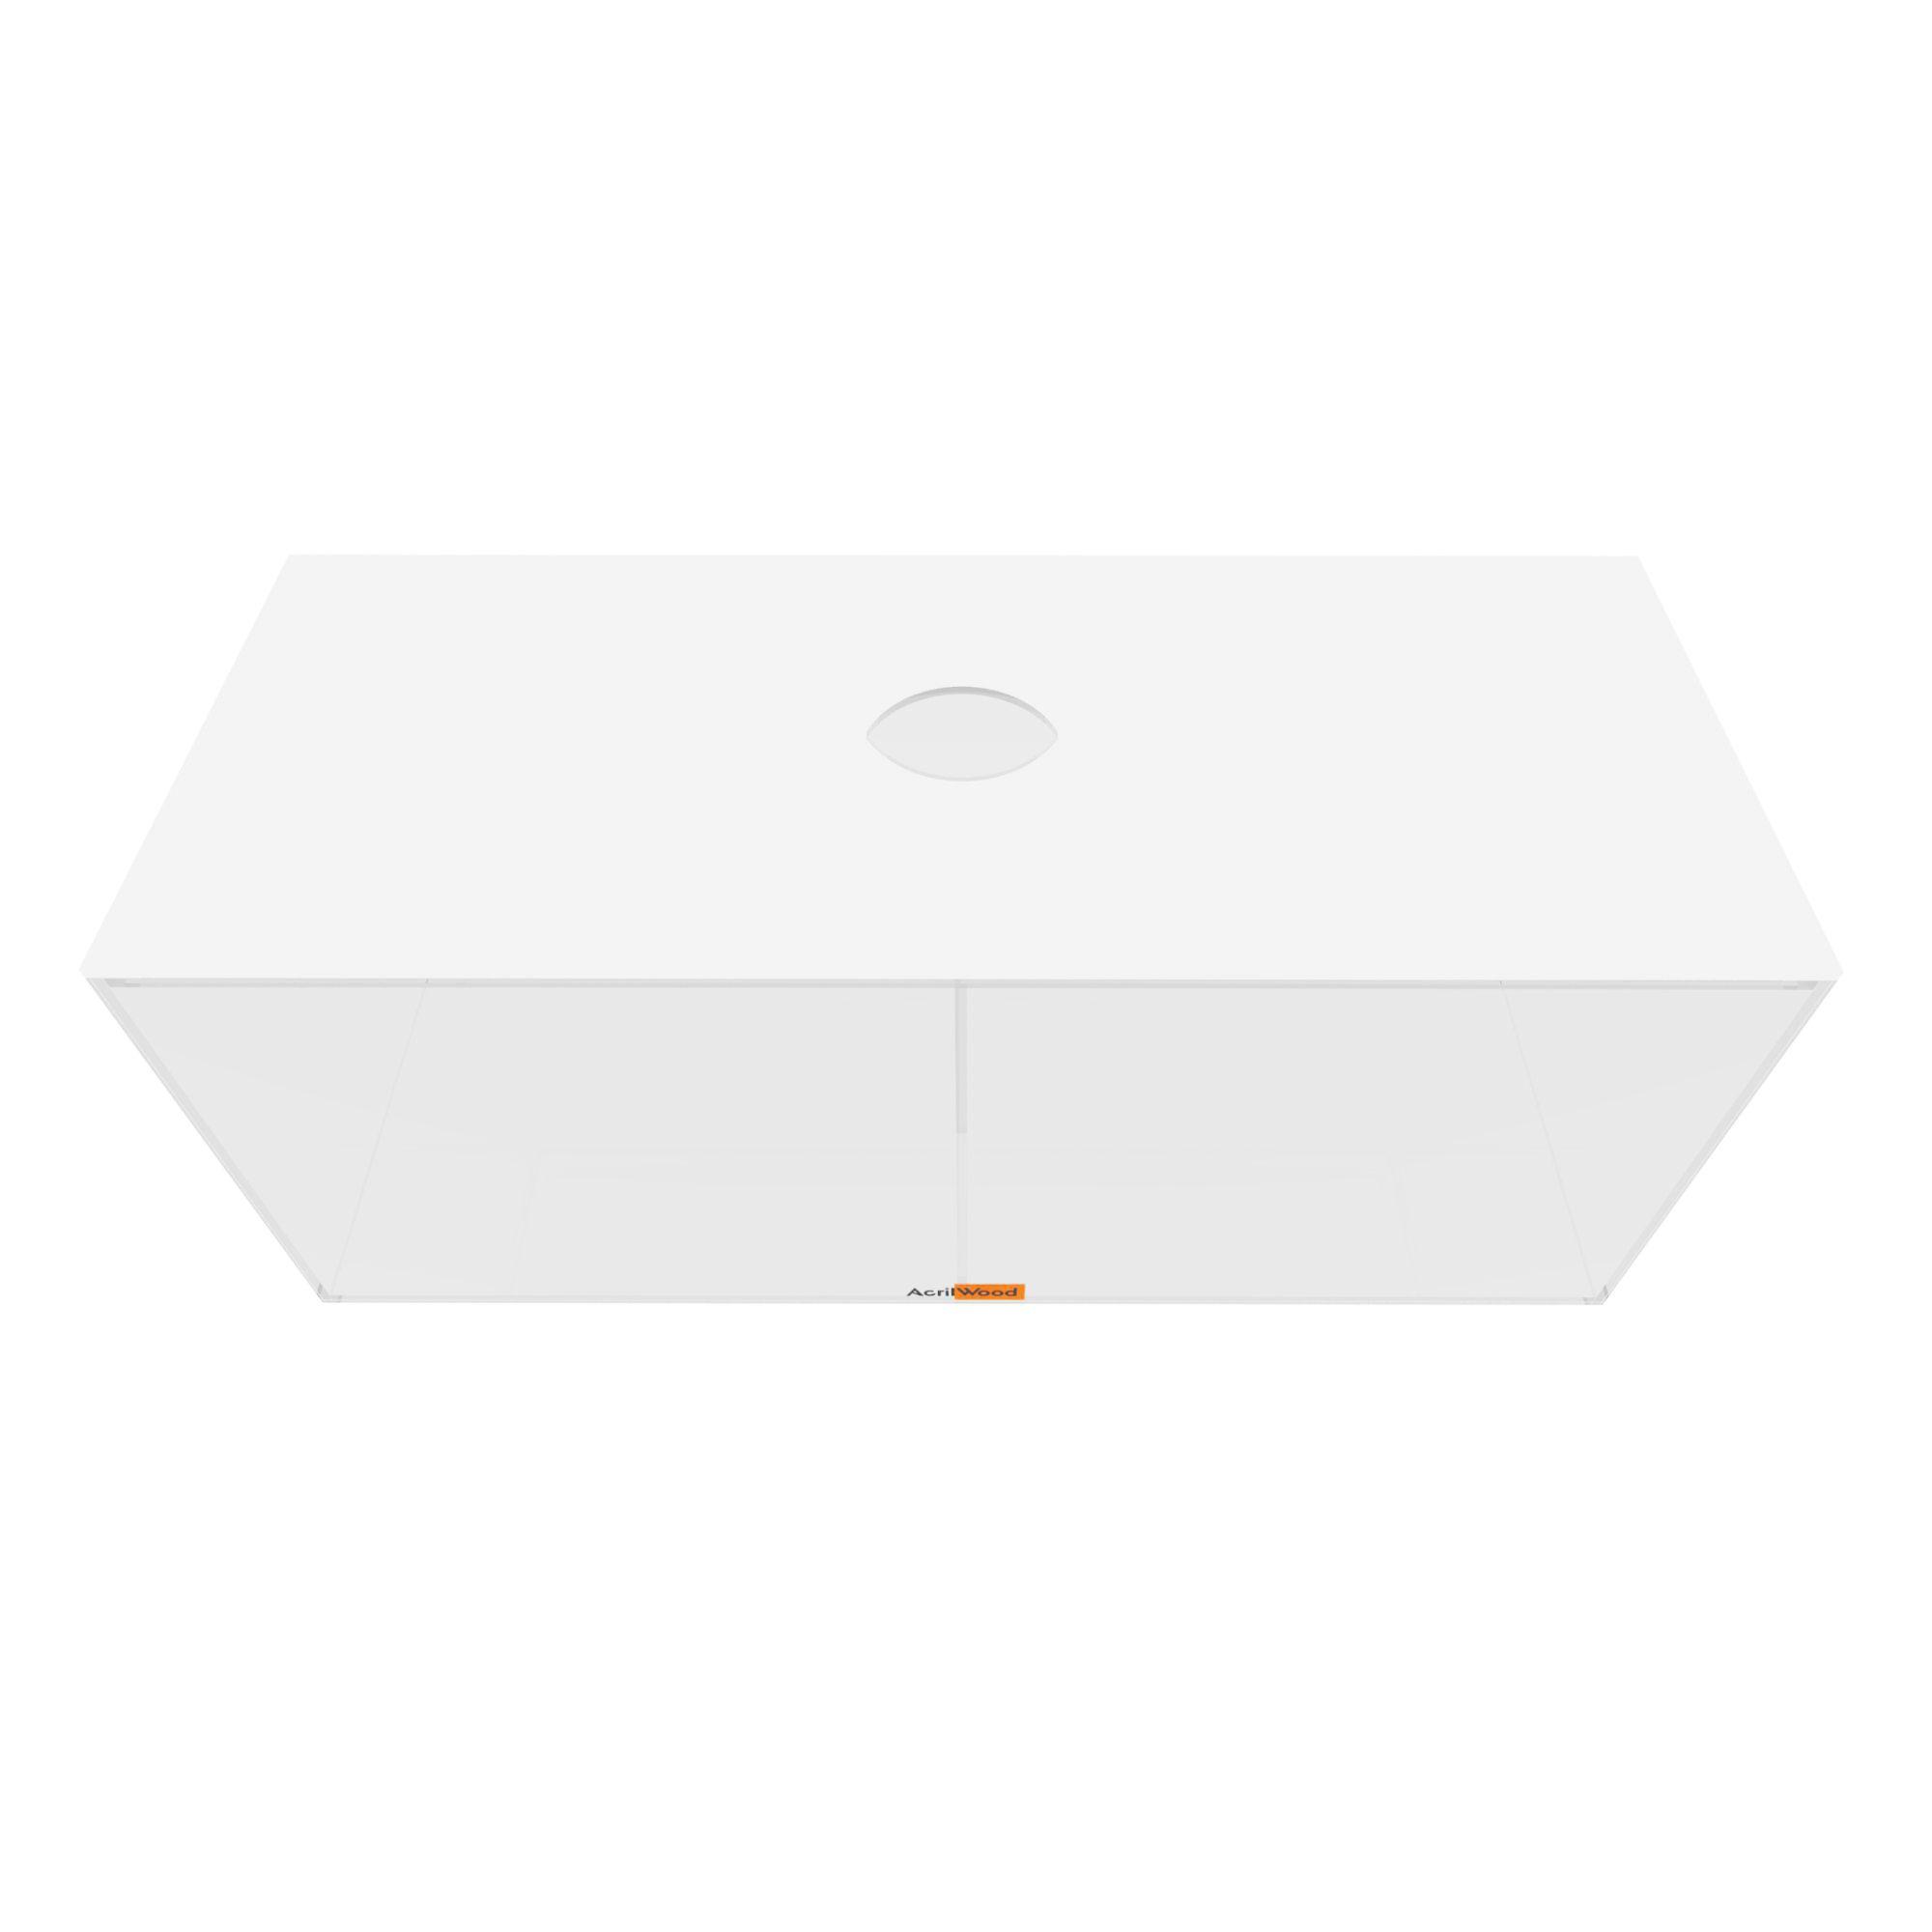 Caixa Retangular Com Divisória E Com Tampa 40x16x16cm